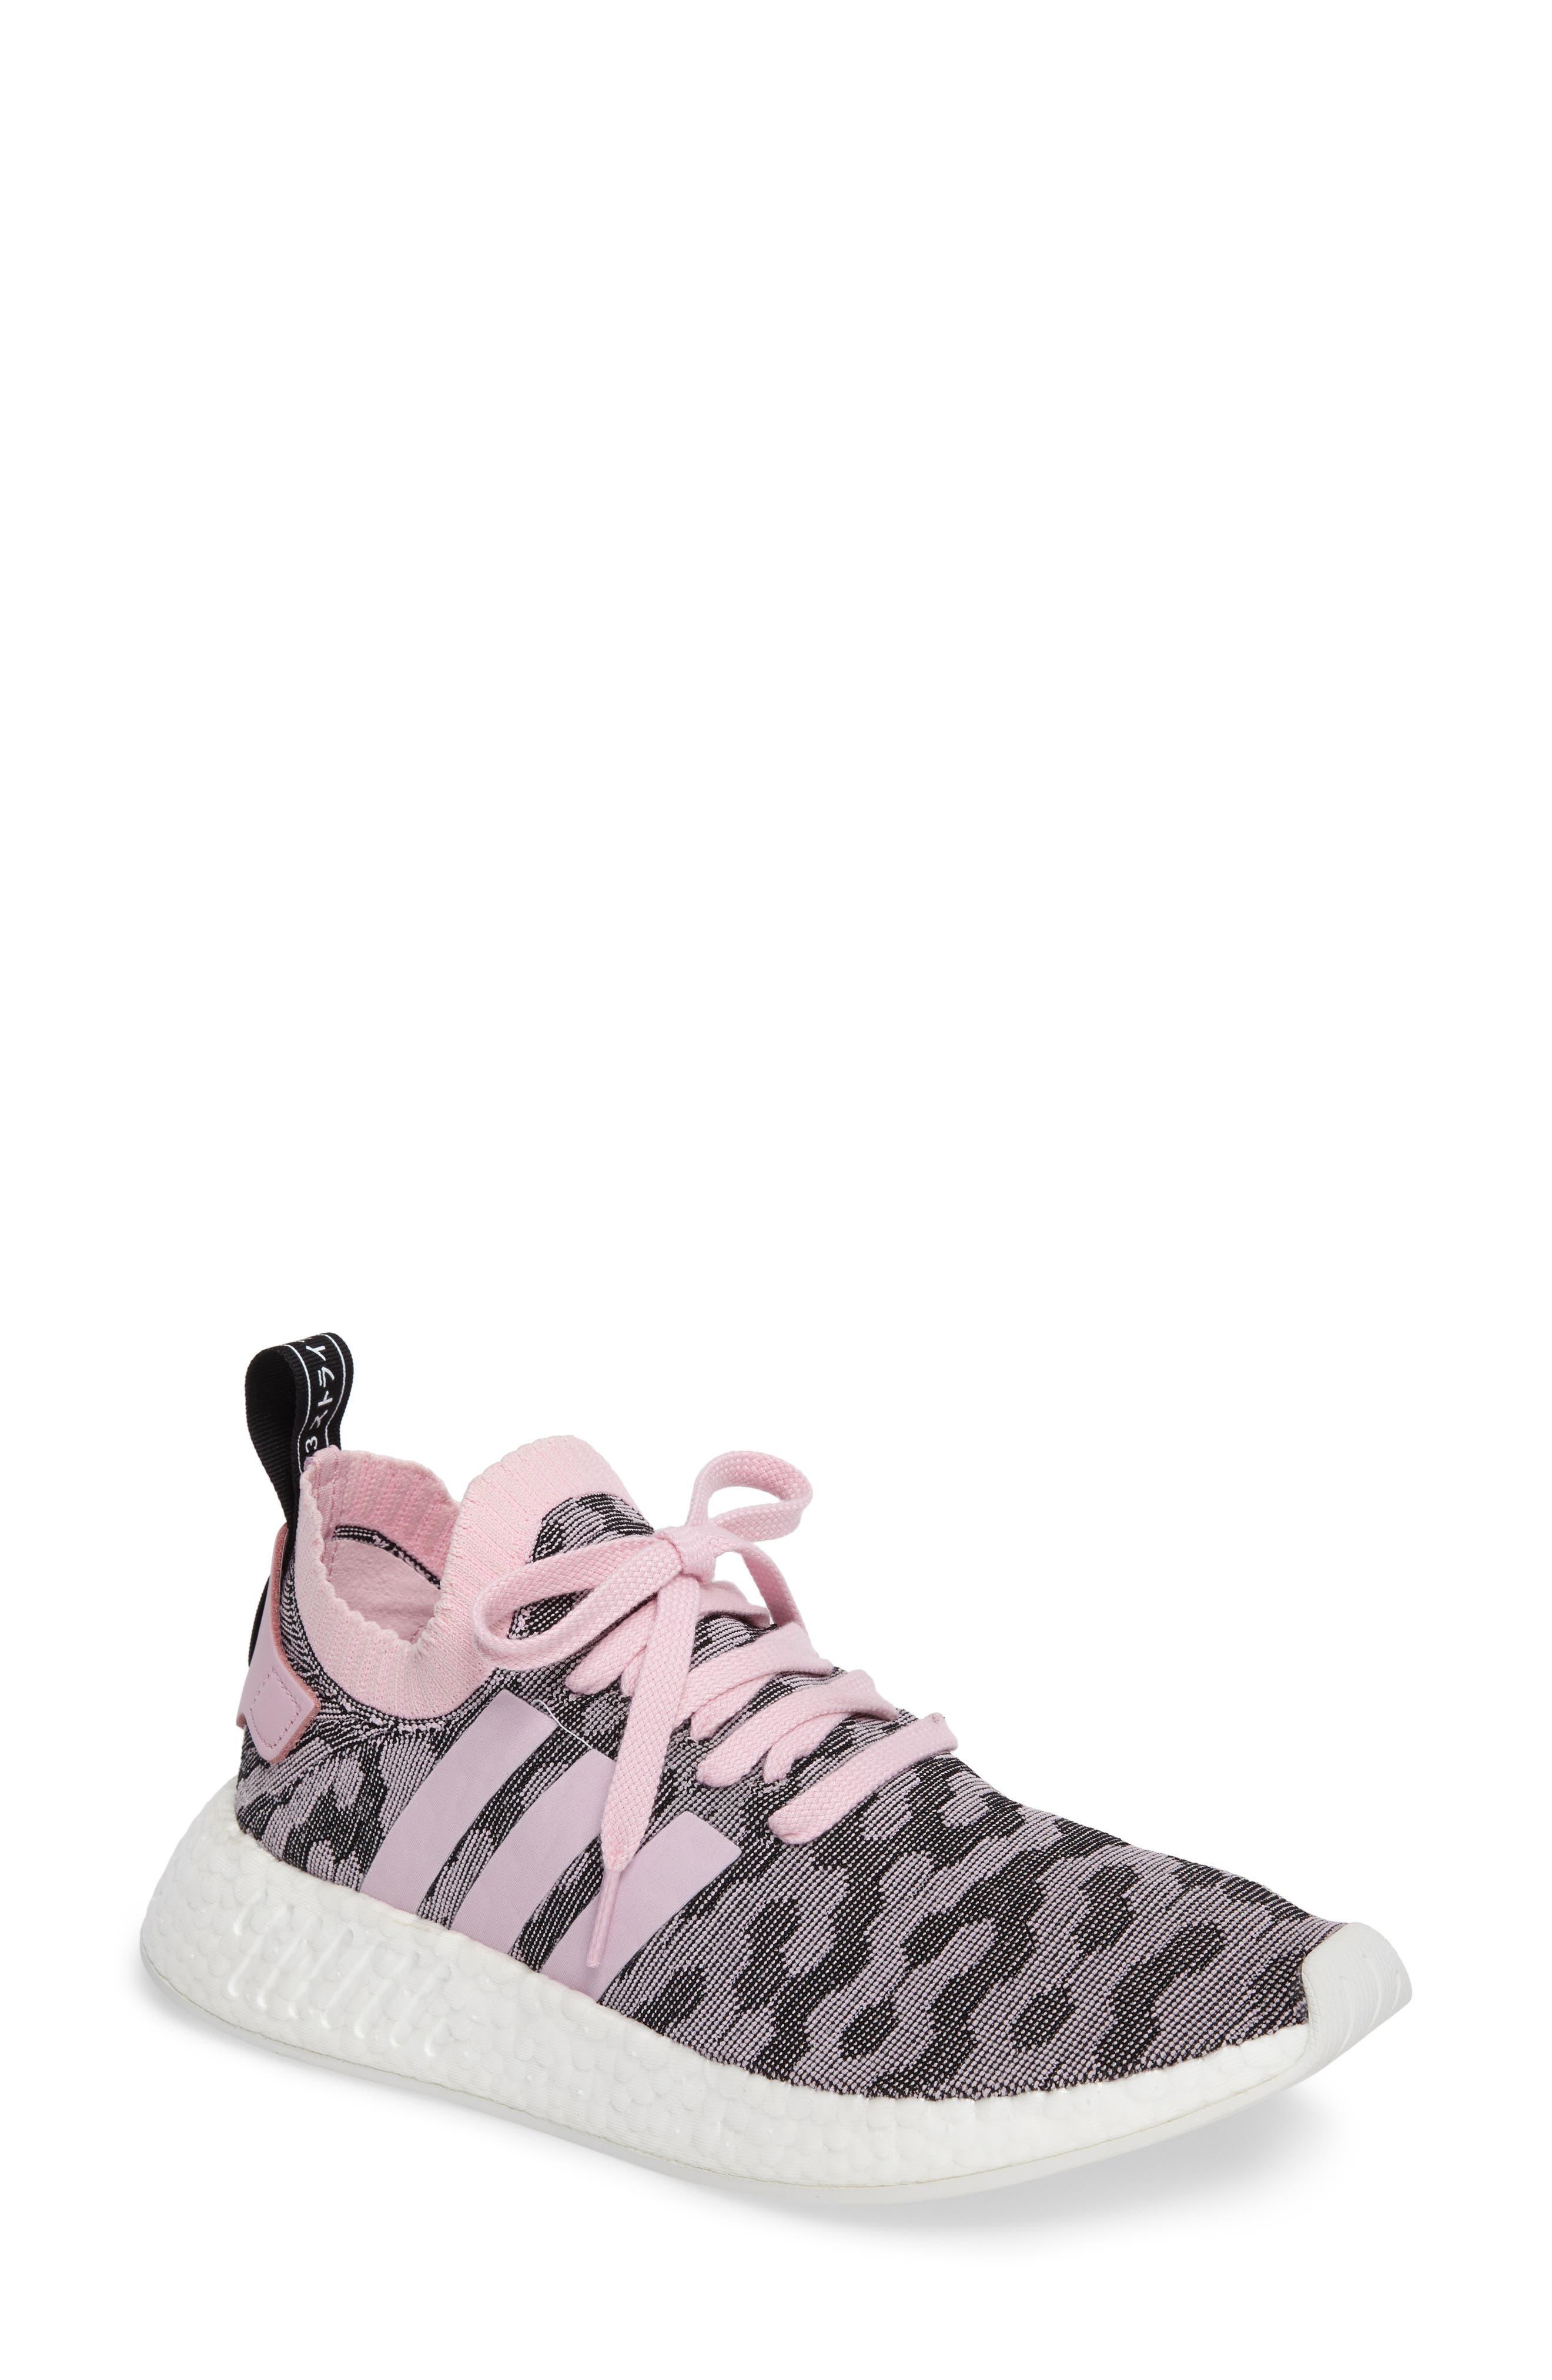 NMD R2 Primeknit Athletic Shoe,                         Main,                         color, Wonder Pink/ Wonder Pink